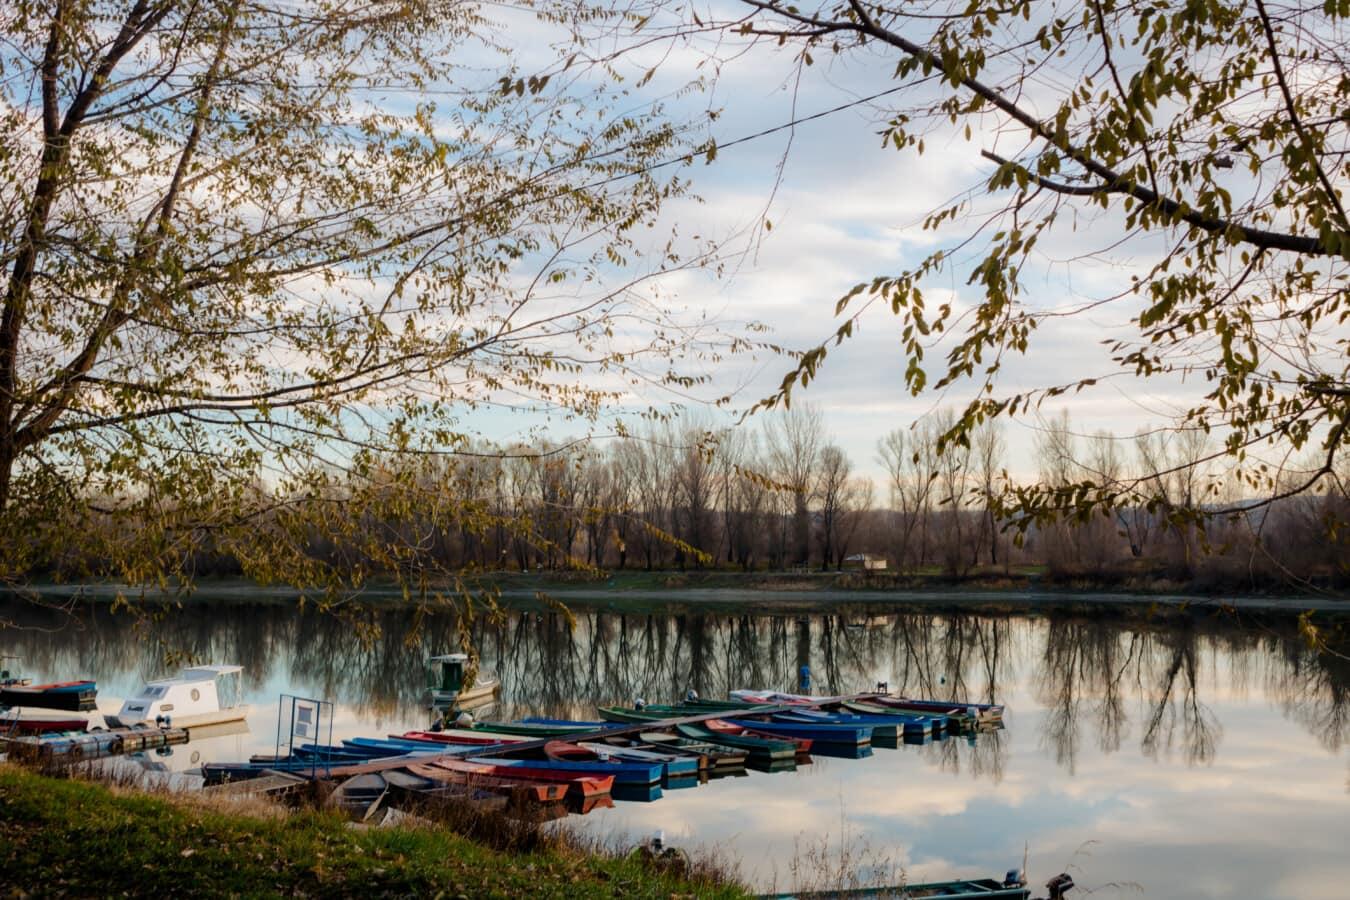 am See, Hafen, am Nachmittag, Atmosphäre, Wasser, Struktur, Wald, See, Reflexion, Landschaft